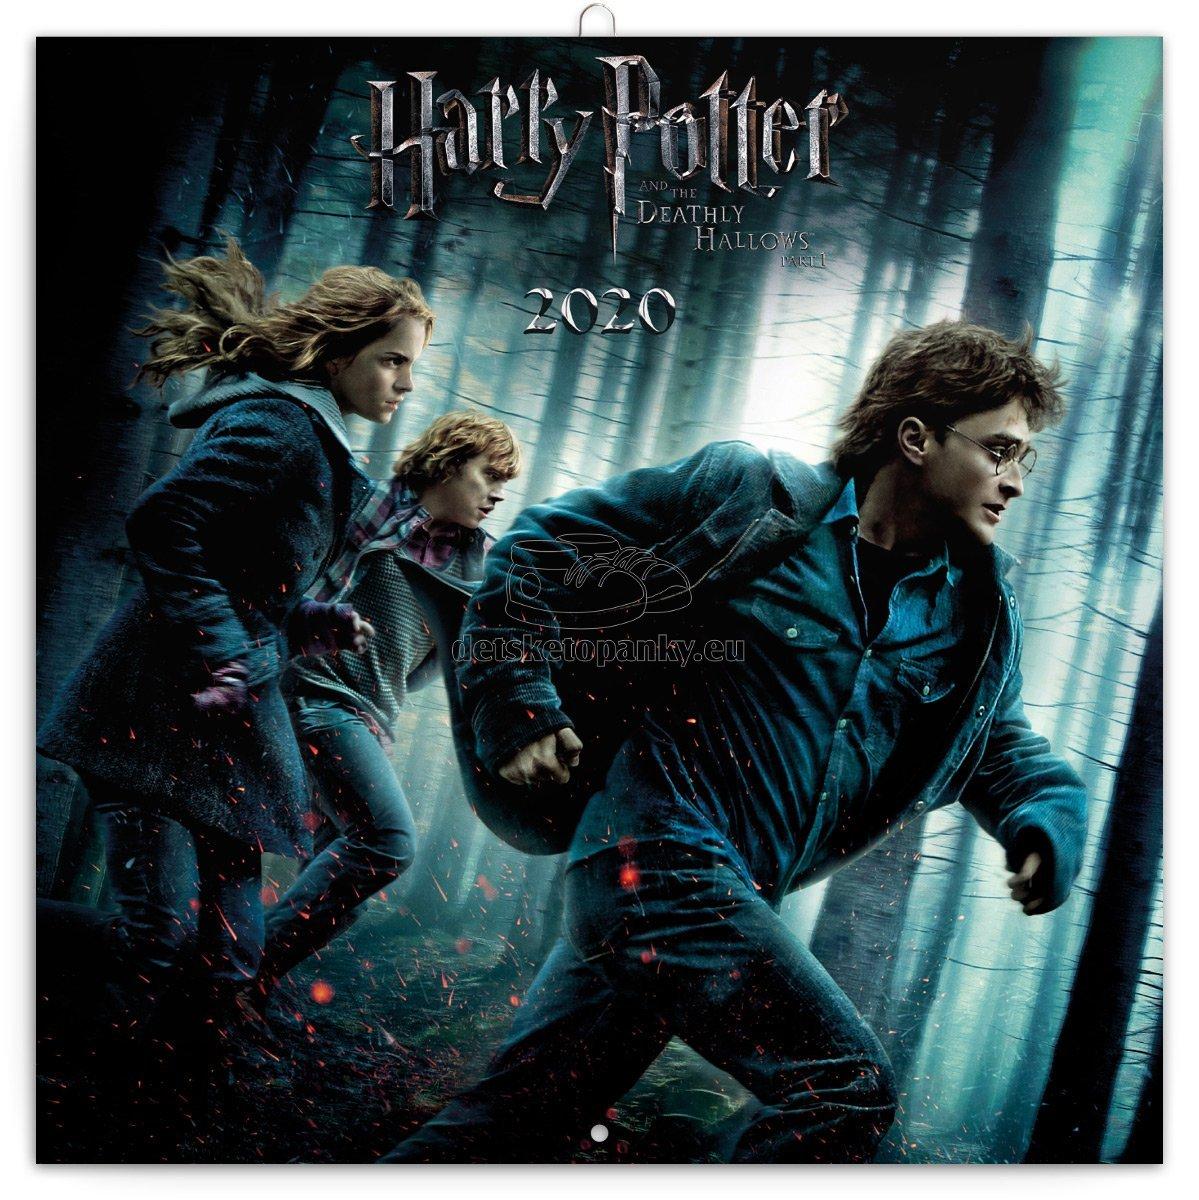 Poznámkový kalendář Harry Potter 2020, 30 × 30 cm, PGP-6718